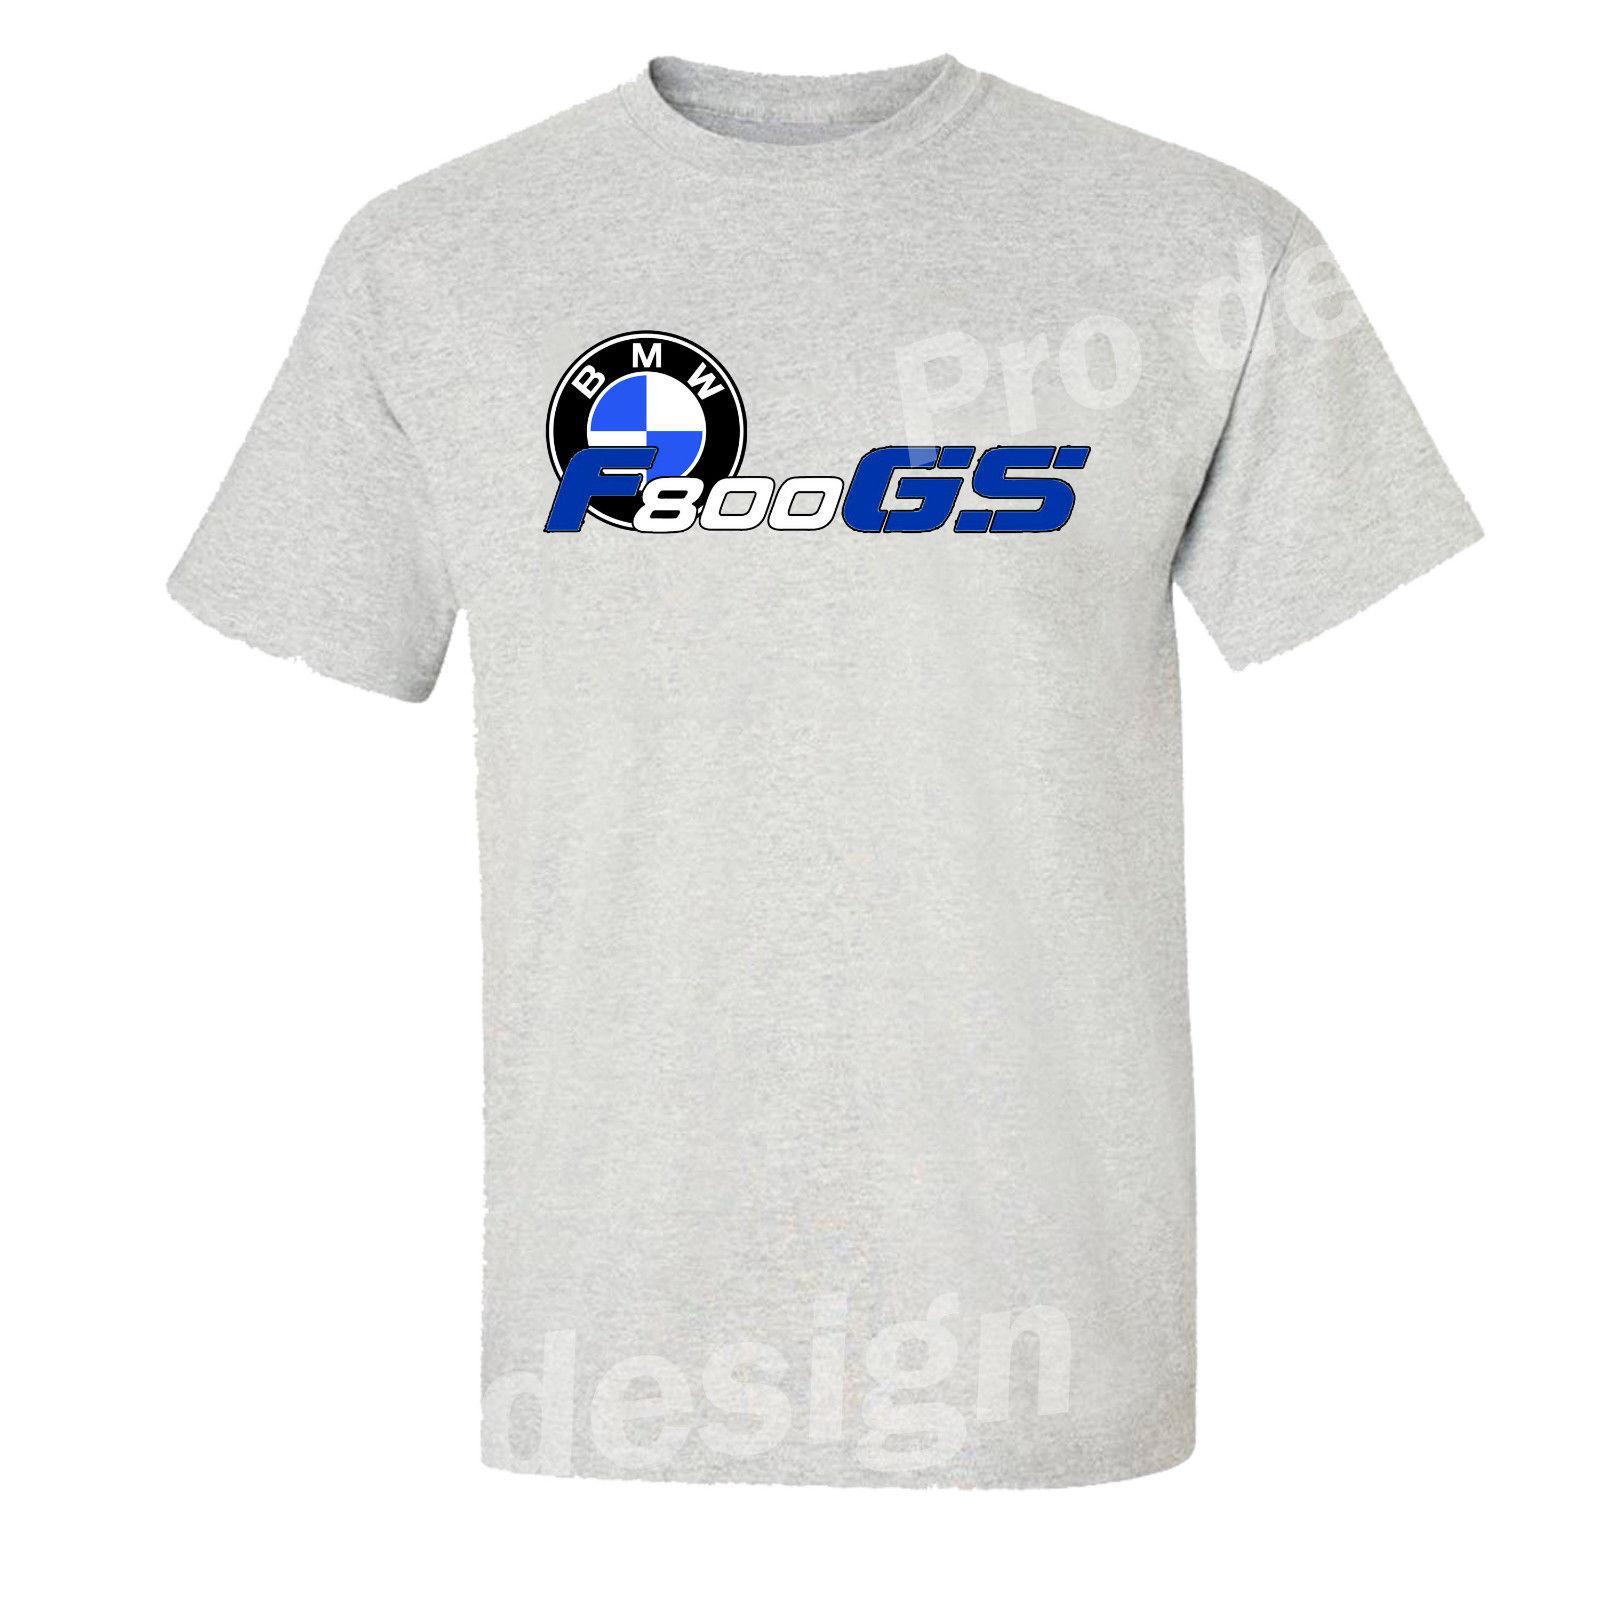 Vêtements et accessoires T shirts pour homme T shirt maglia